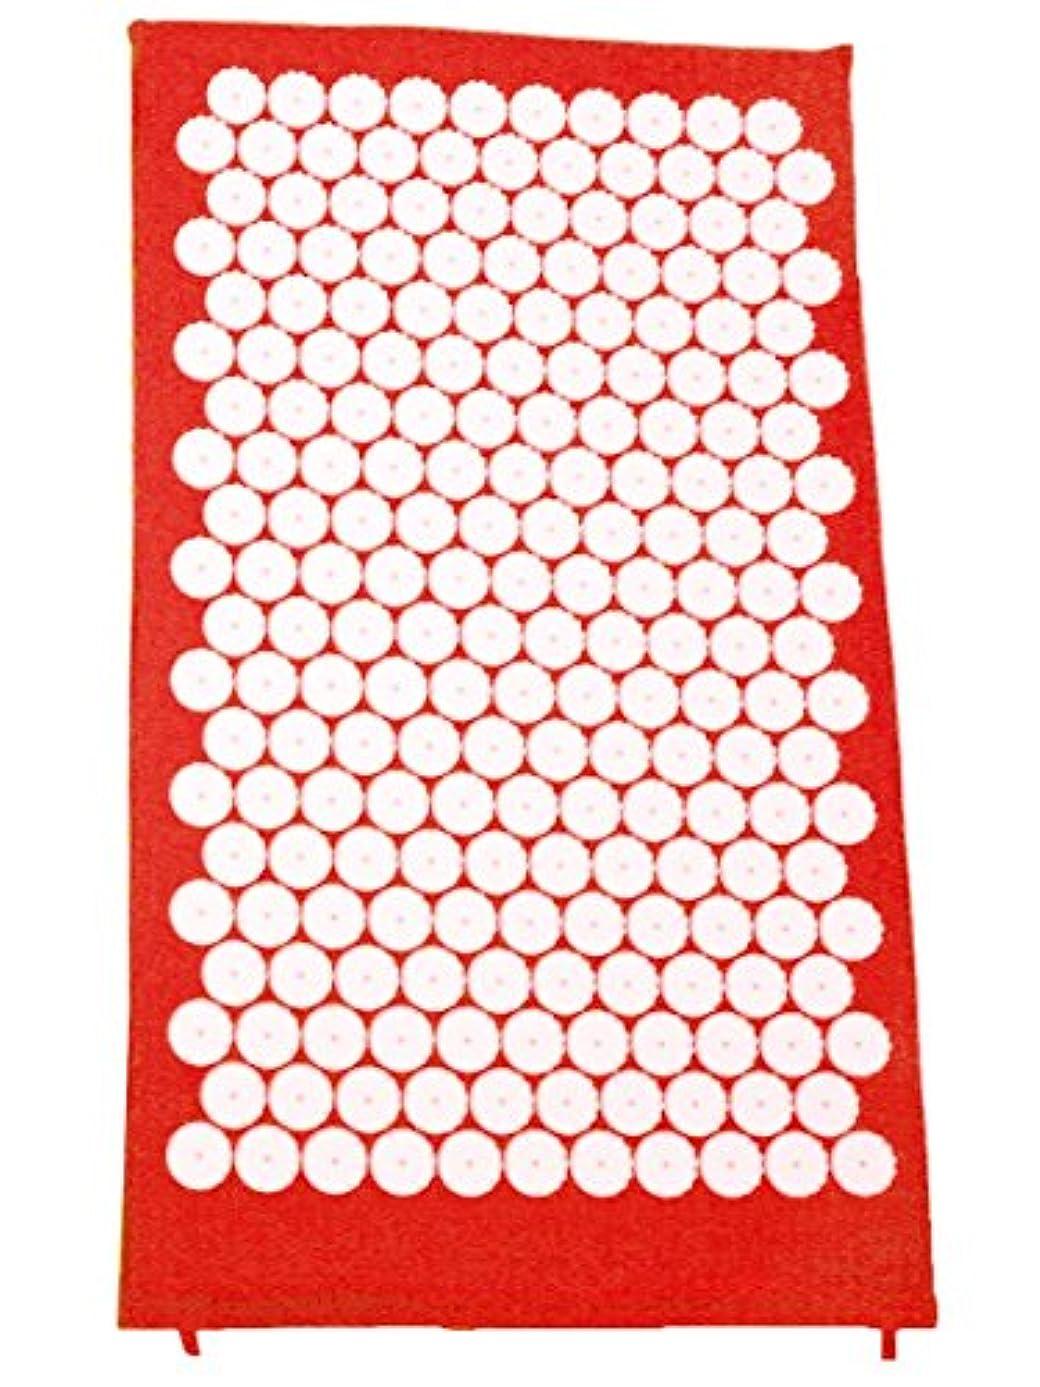 シュガー根絶する靄ピュアフィット(purefit) スパイスマット PF410 (オレンジ:PF410Or)